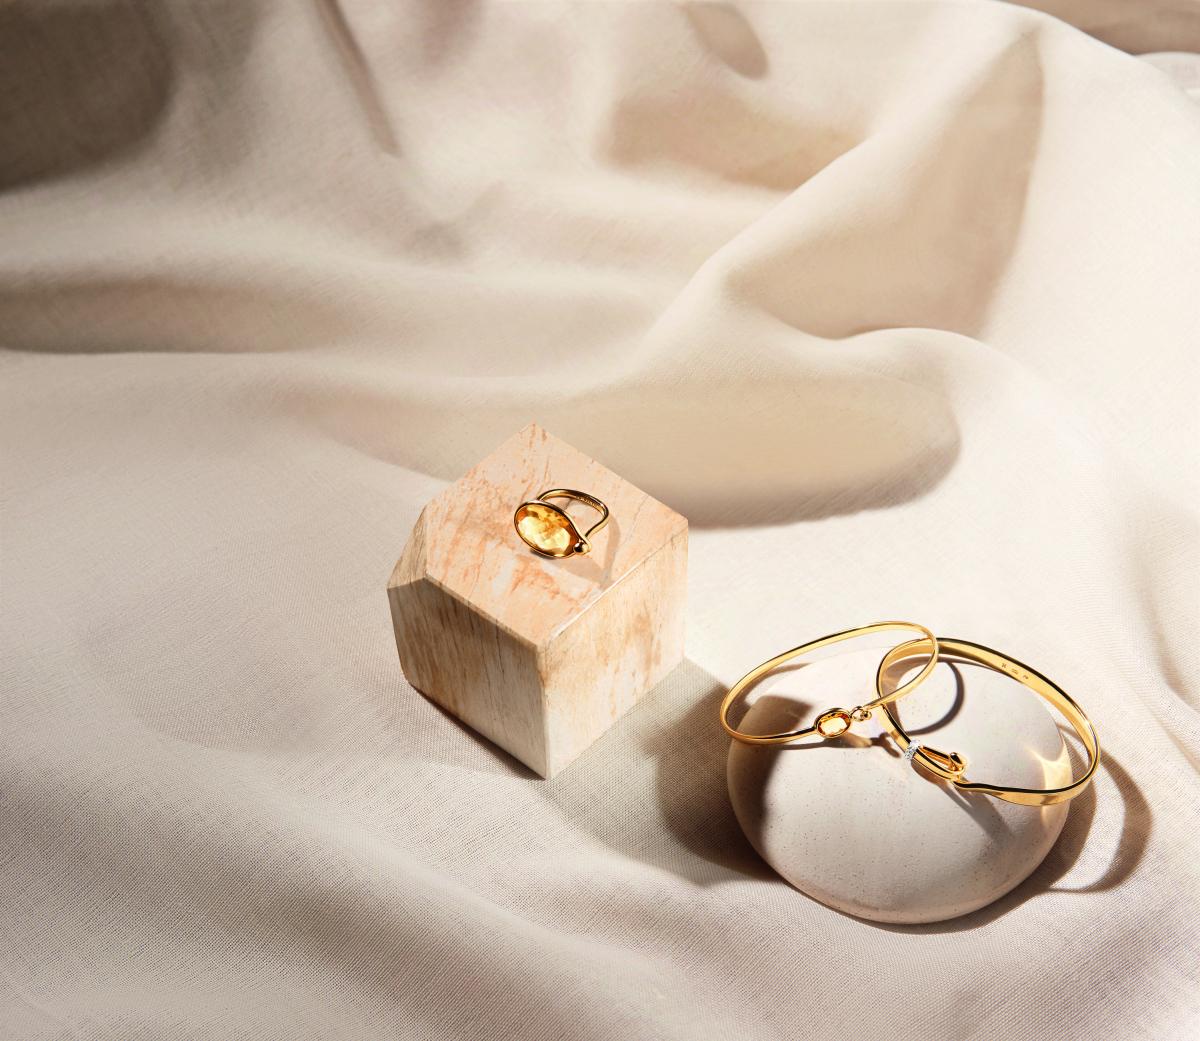 温かみのあるゴールドと、プレシャスストーンの輝きのマリアージュ